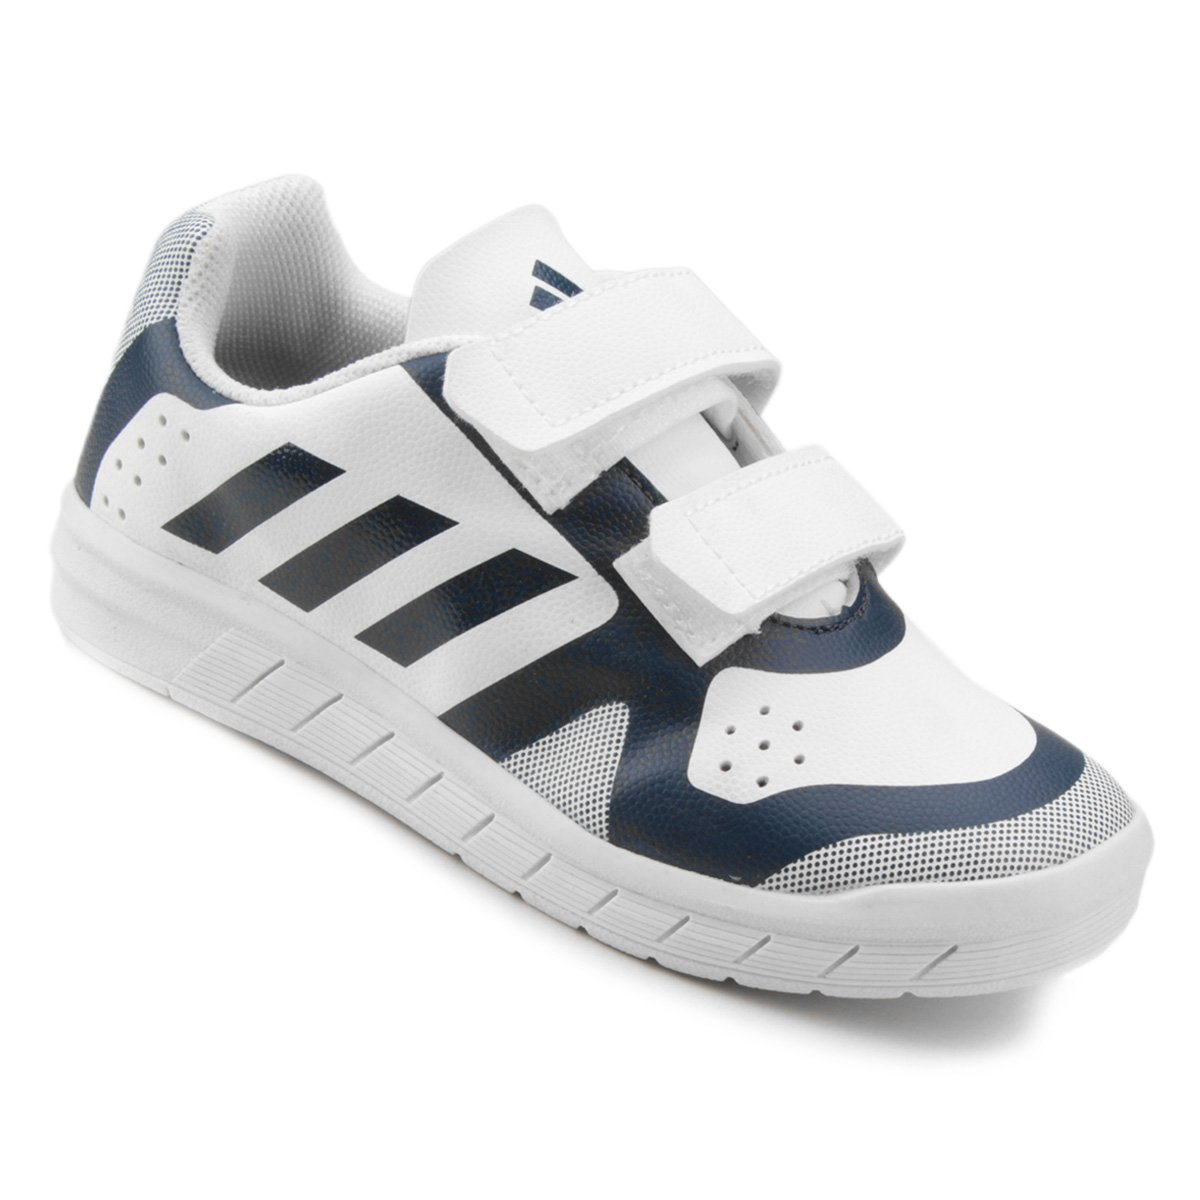 b40222016 Tênis Infantil Adidas Quicksport Cf 2 C Velcro - Branco e Azul - Compre  Agora